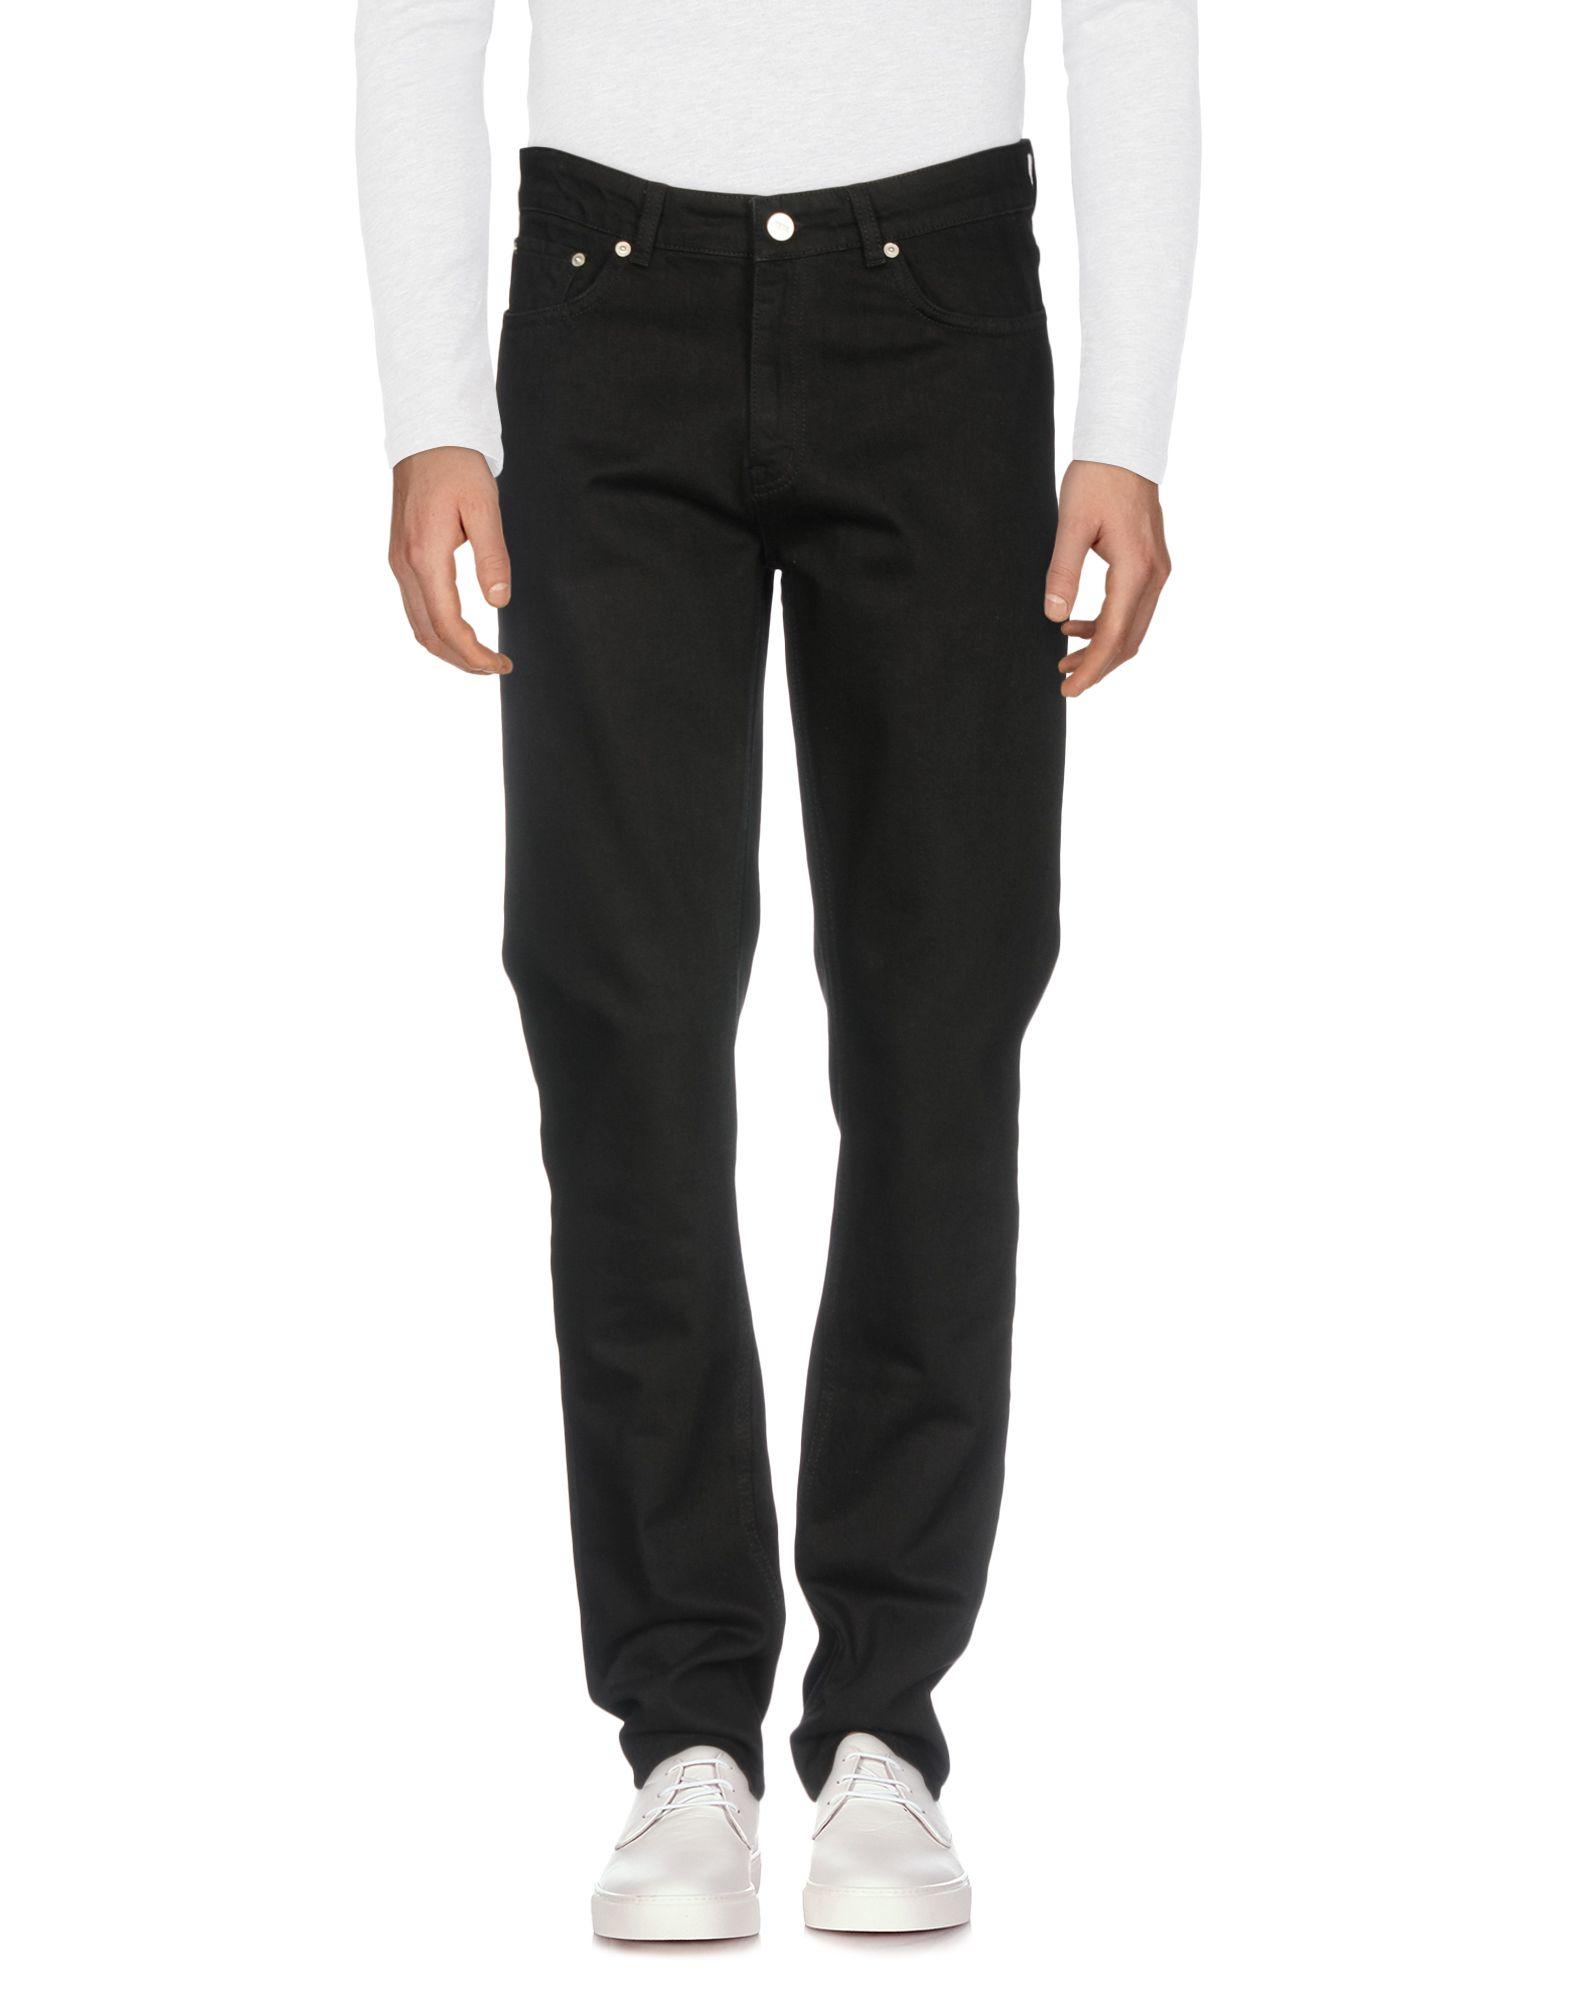 WOOD WOOD Джинсовые брюки carver pioneer camp джинсовые брюки мужские обычные джинсовые брюки темно синий 33 611 021